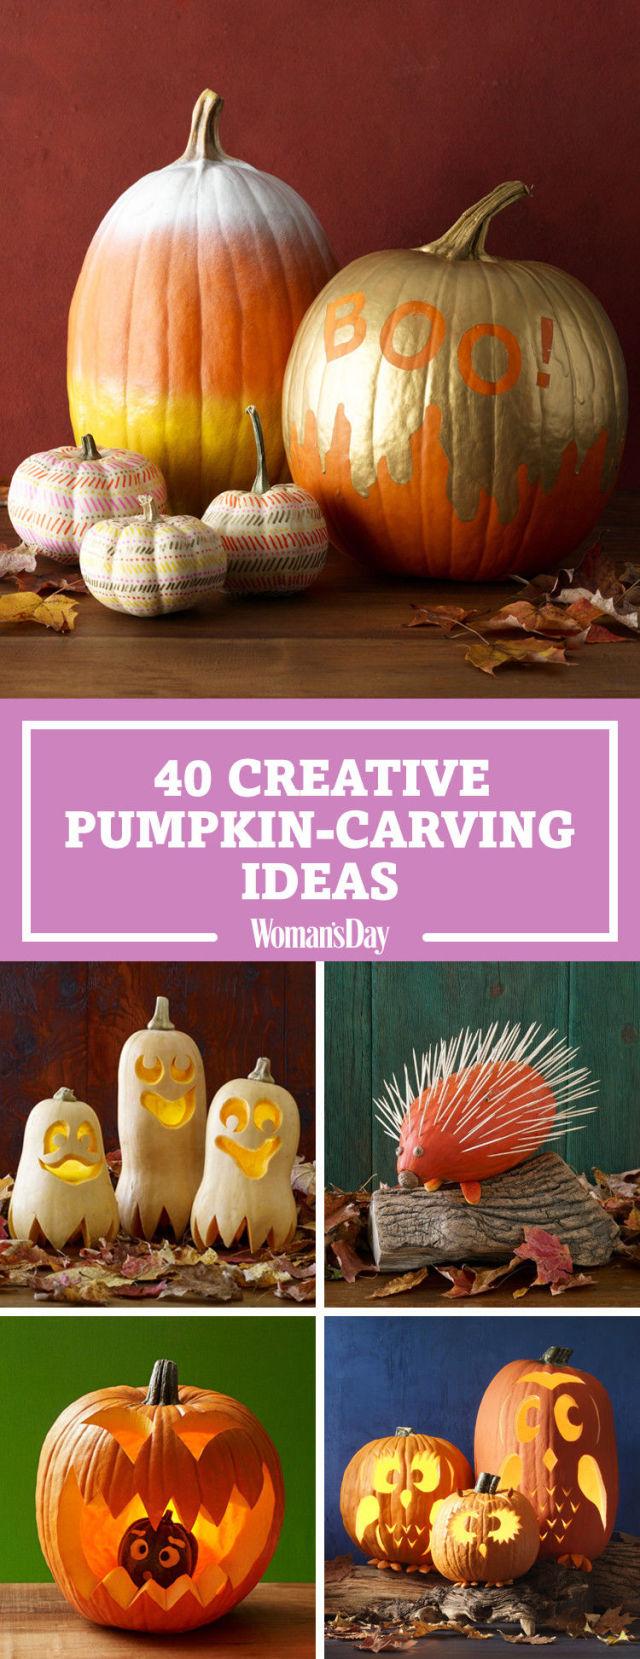 65 best pumpkin carving ideas halloween 2017 creative jack o lantern designs - Creative Halloween Pumpkin Carving Ideas